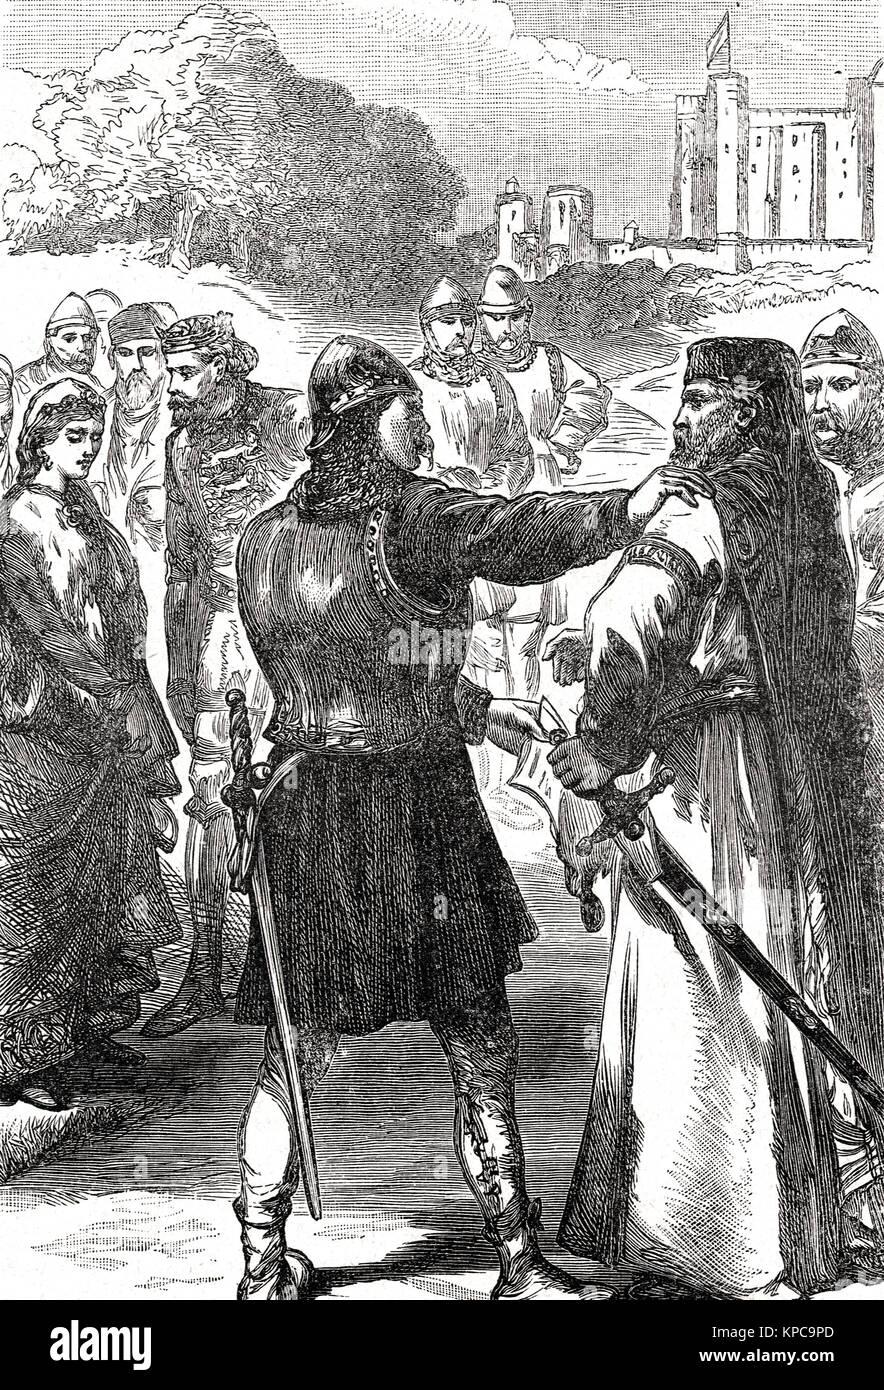 Arrest of Thomas of Woodstock, 1st Duke of Gloucester, leader of the Lords Appellant, tyranny of Richard II, revenge - Stock Image